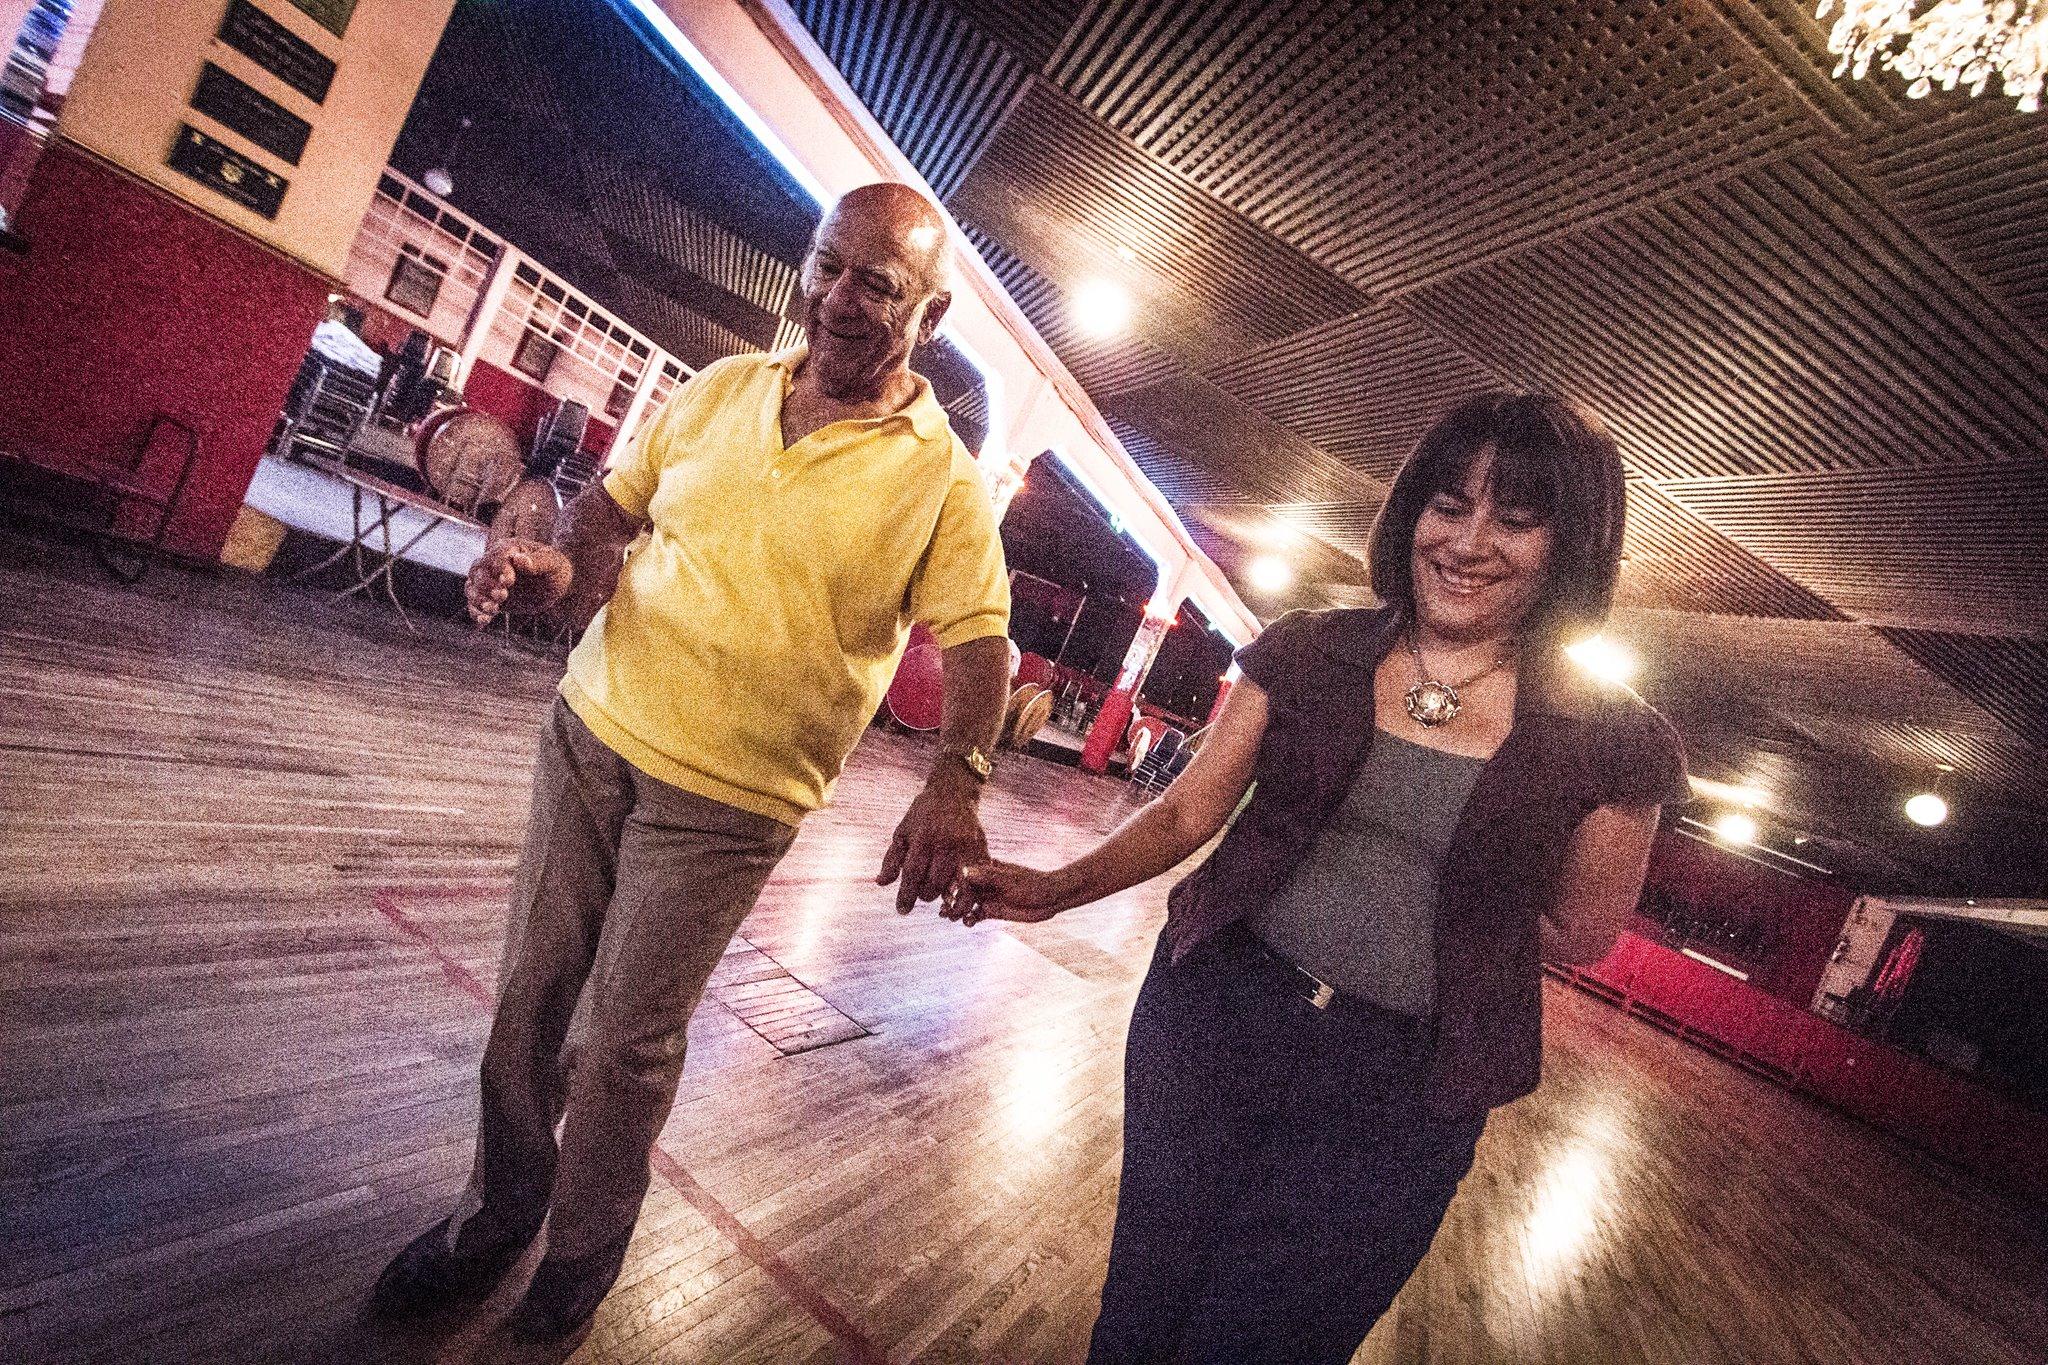 """COSER, Pareja de baile de la clase de los martes de danzón del Mtro. Gerardo Hernández """"El Borrego"""". Salón Los Angeles, CDMX, 2015."""